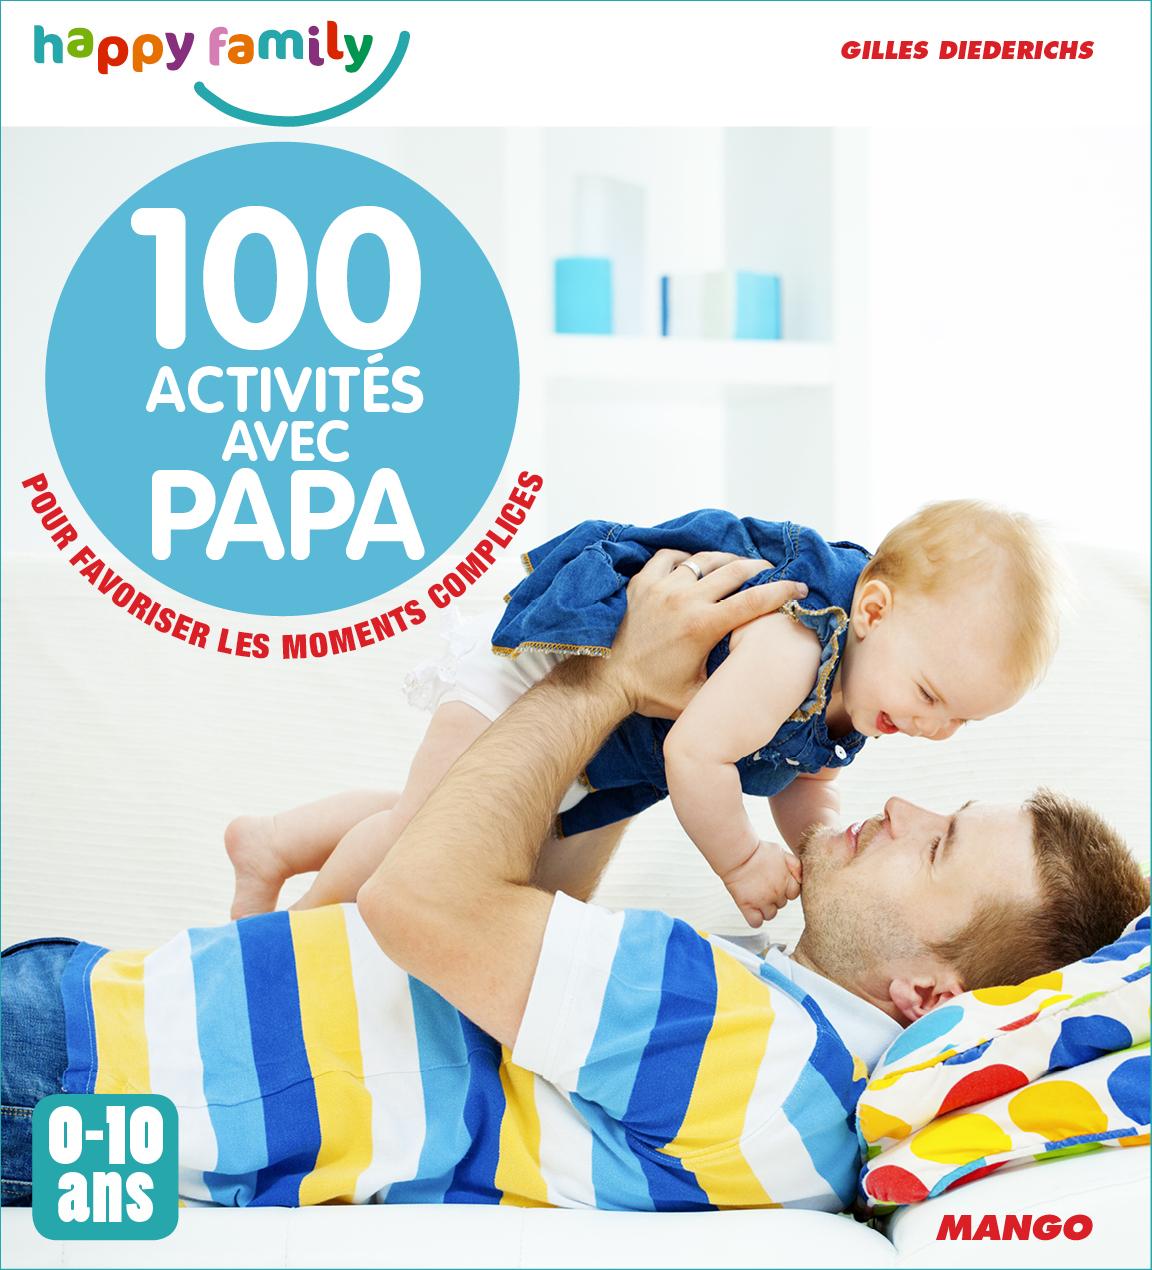 100 ACTIVITES AVEC PAPA